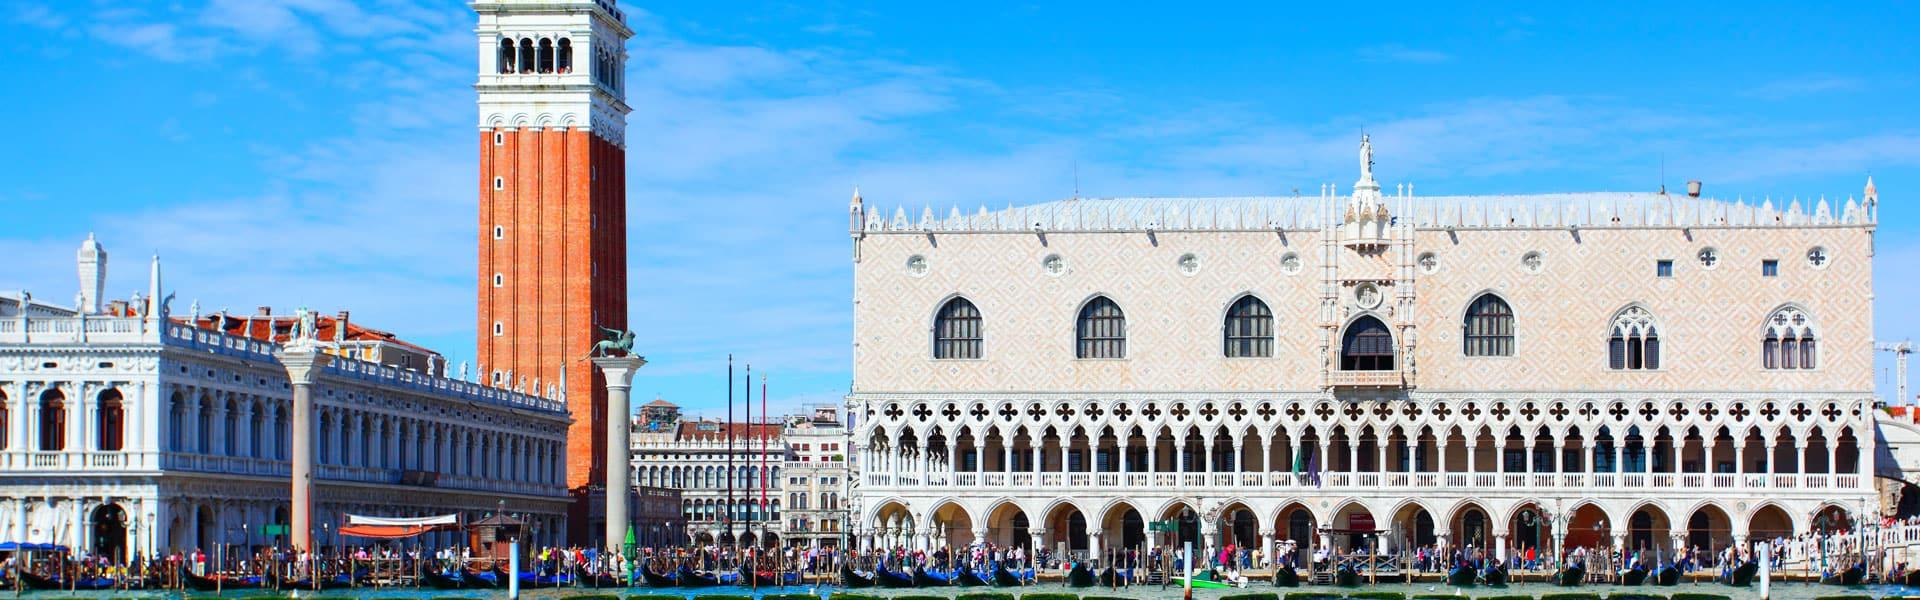 Politik und Geschichte erleben: der Dogenpalast in Venedig